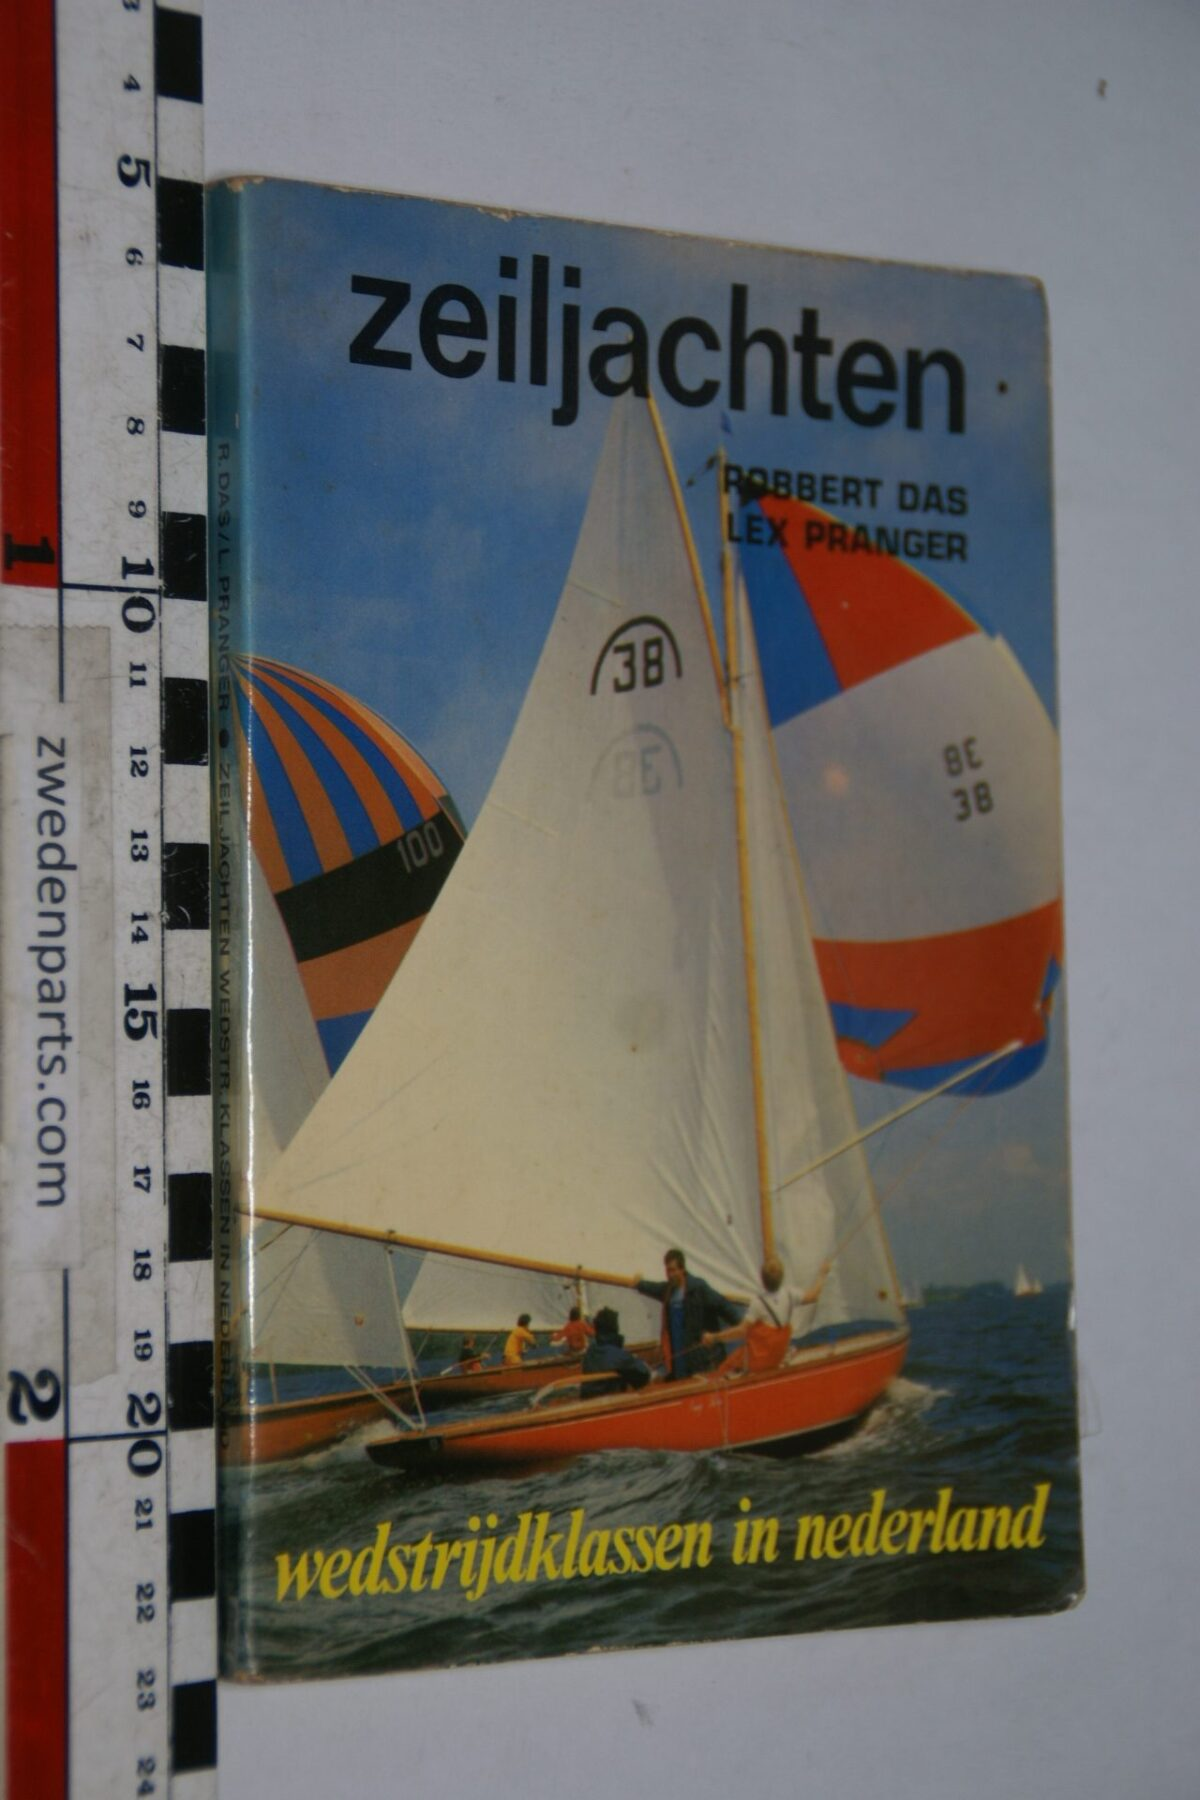 DSC06930 1978 boek zeiljachten van Lex Pranger  ISBN 9060137175